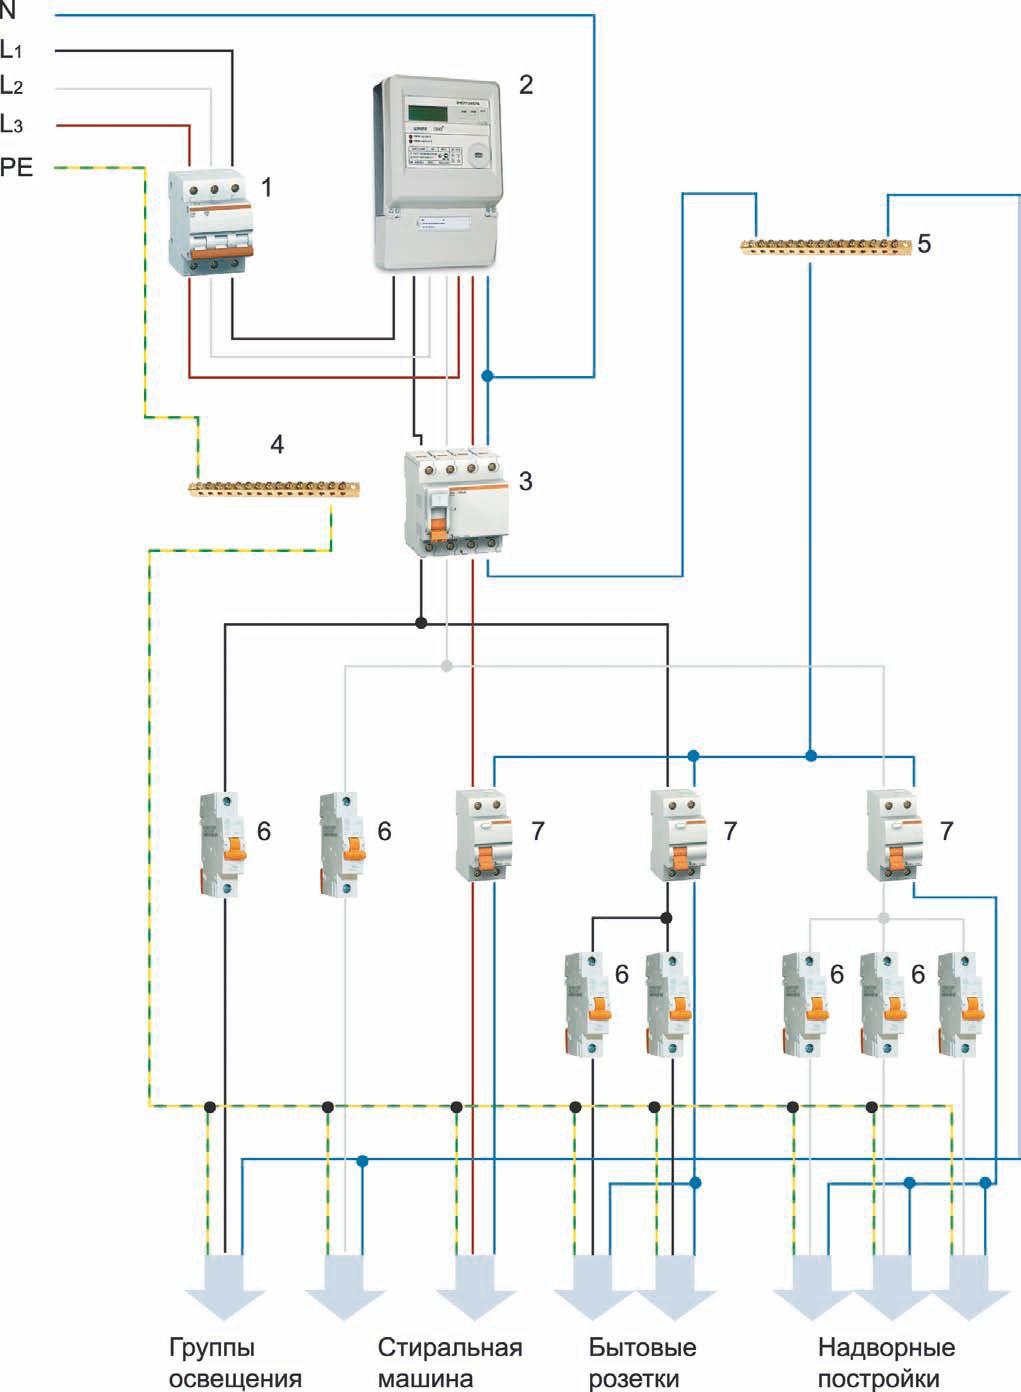 Схема трехфазного подключения в более простом варианте: 1 — вводный автомат; 2 — трехфазный электросчетчик; 3 — дифавтомат; 4 – шина заземления; 5 – нолевая шина; 6 — модульные автоматические выключатели; 7 — однополюсные дифавтоматы